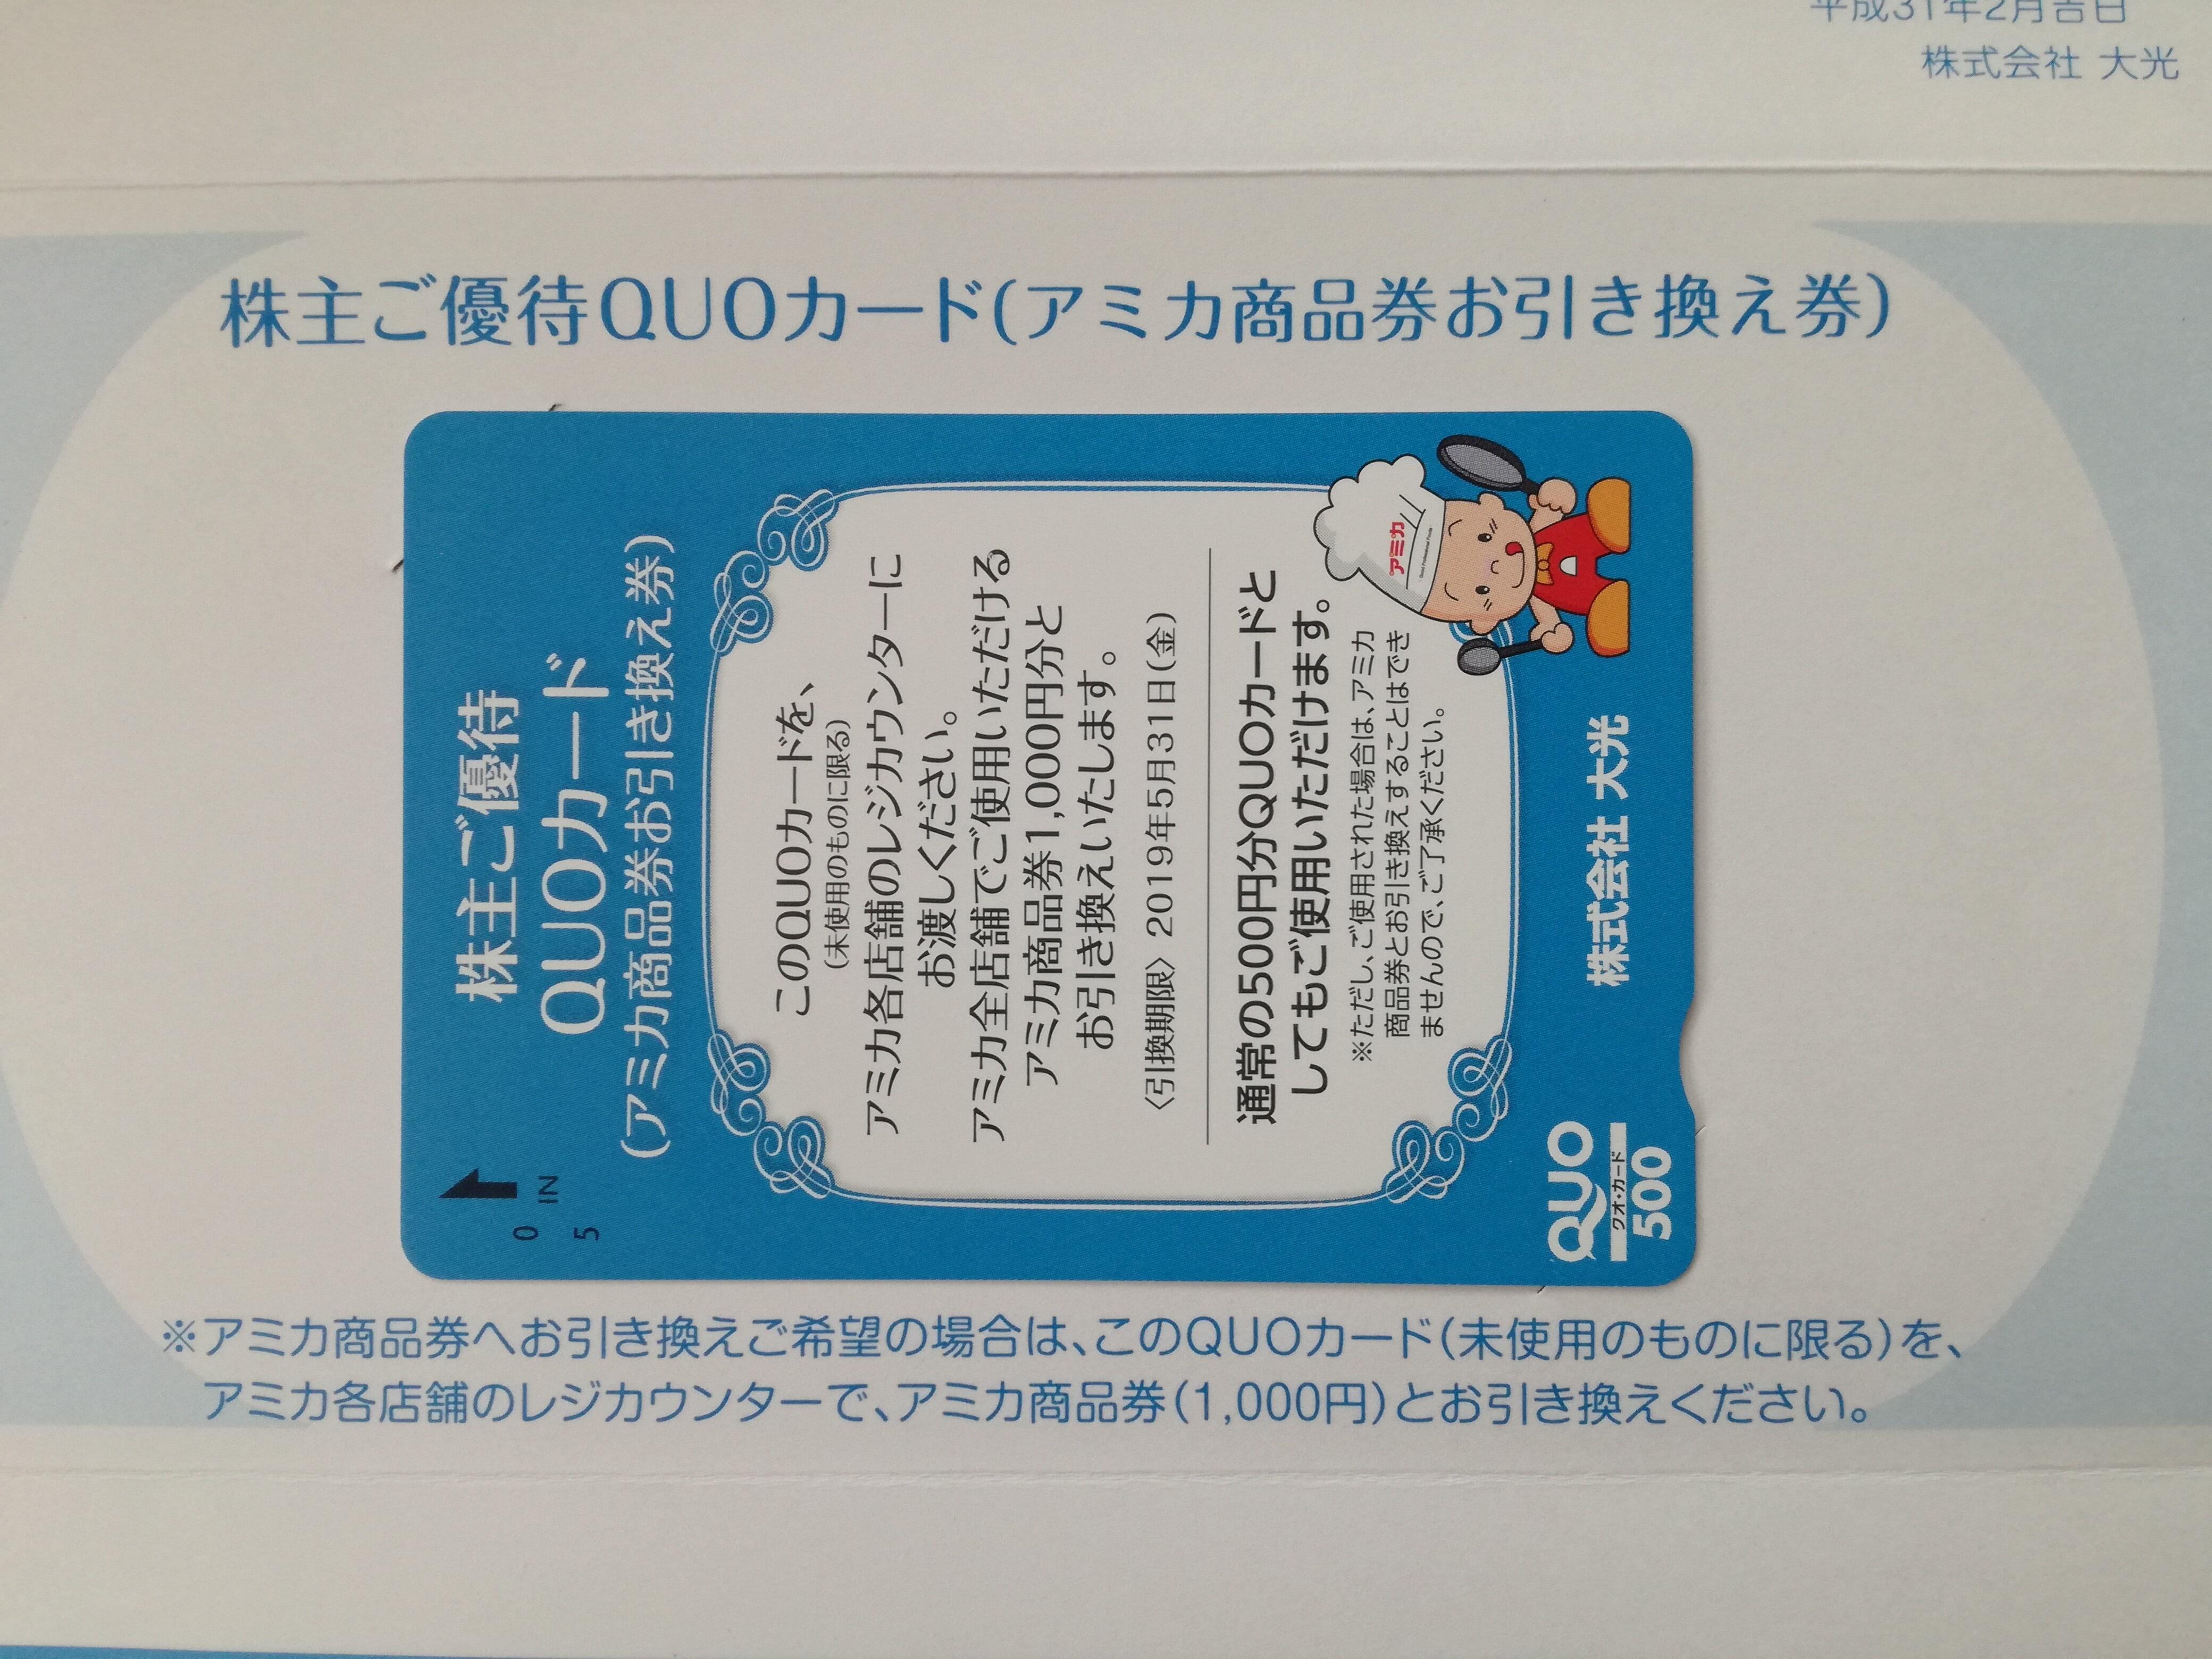 含み損が2万円以上の大光(3160)から年2回の株主優待クオカードが到着!